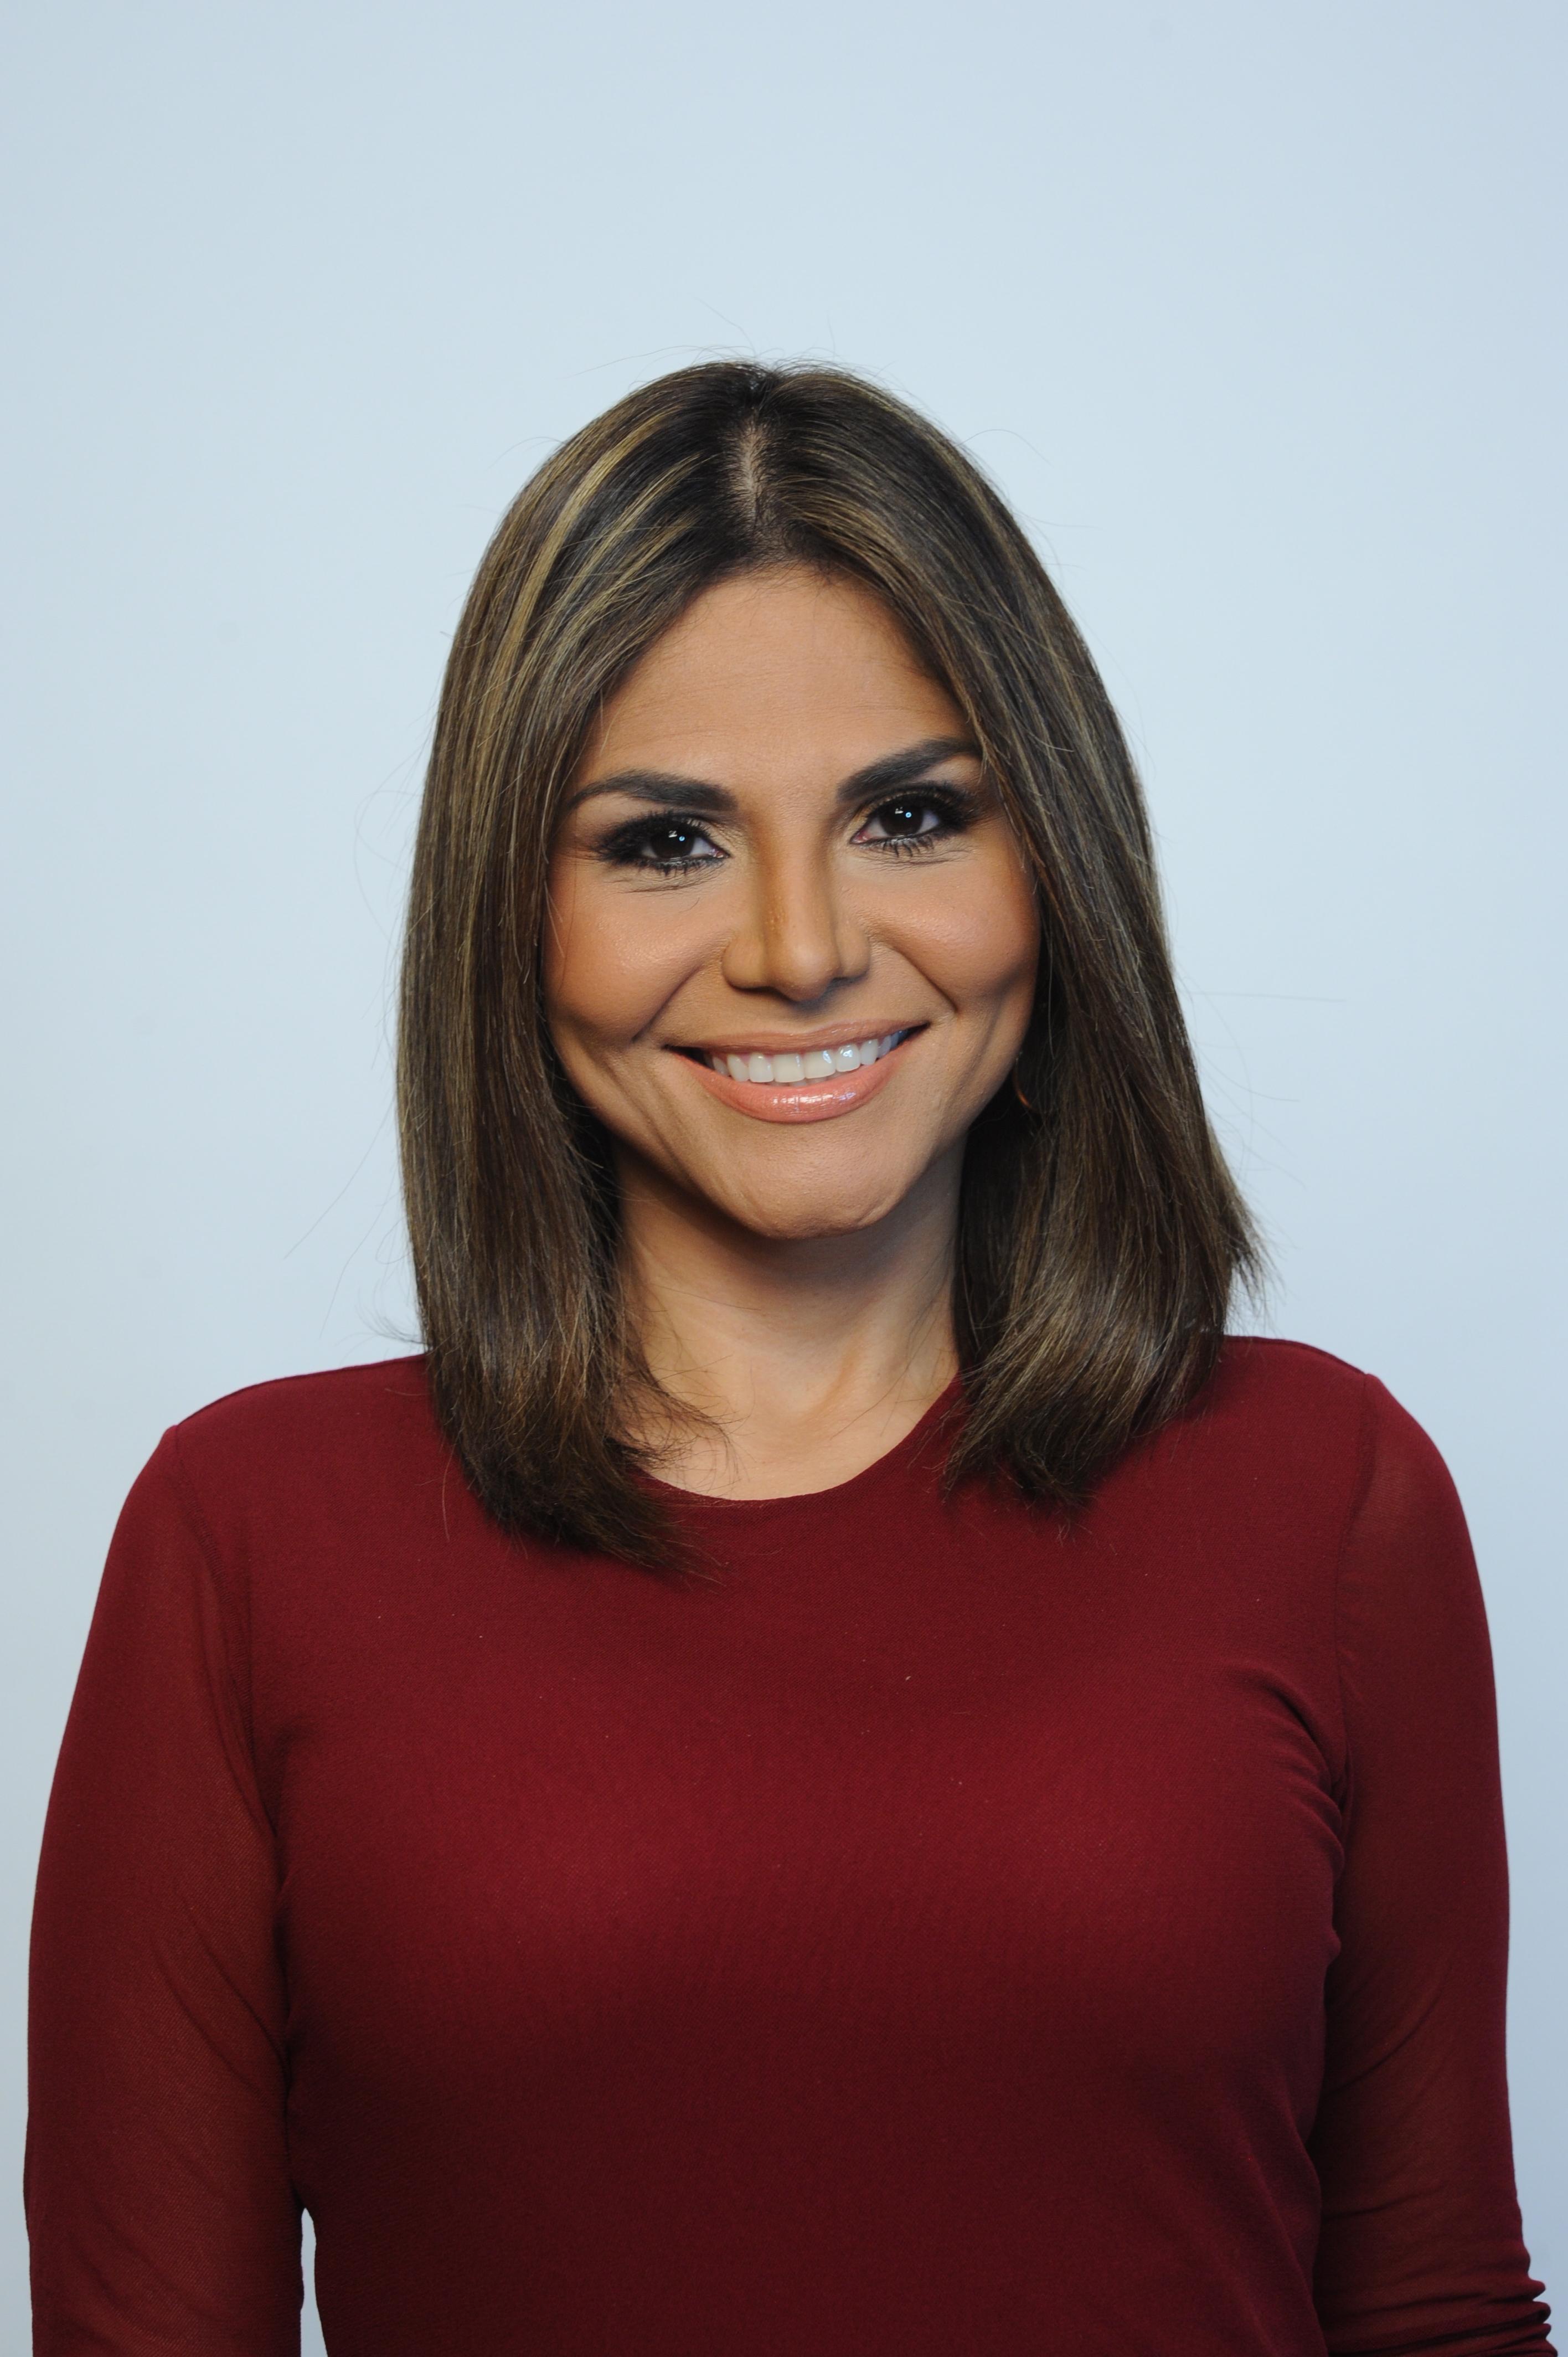 Natalia Cruz 218 Ltimas Noticias Videos Y Fotos De Natalia Cruz Univision